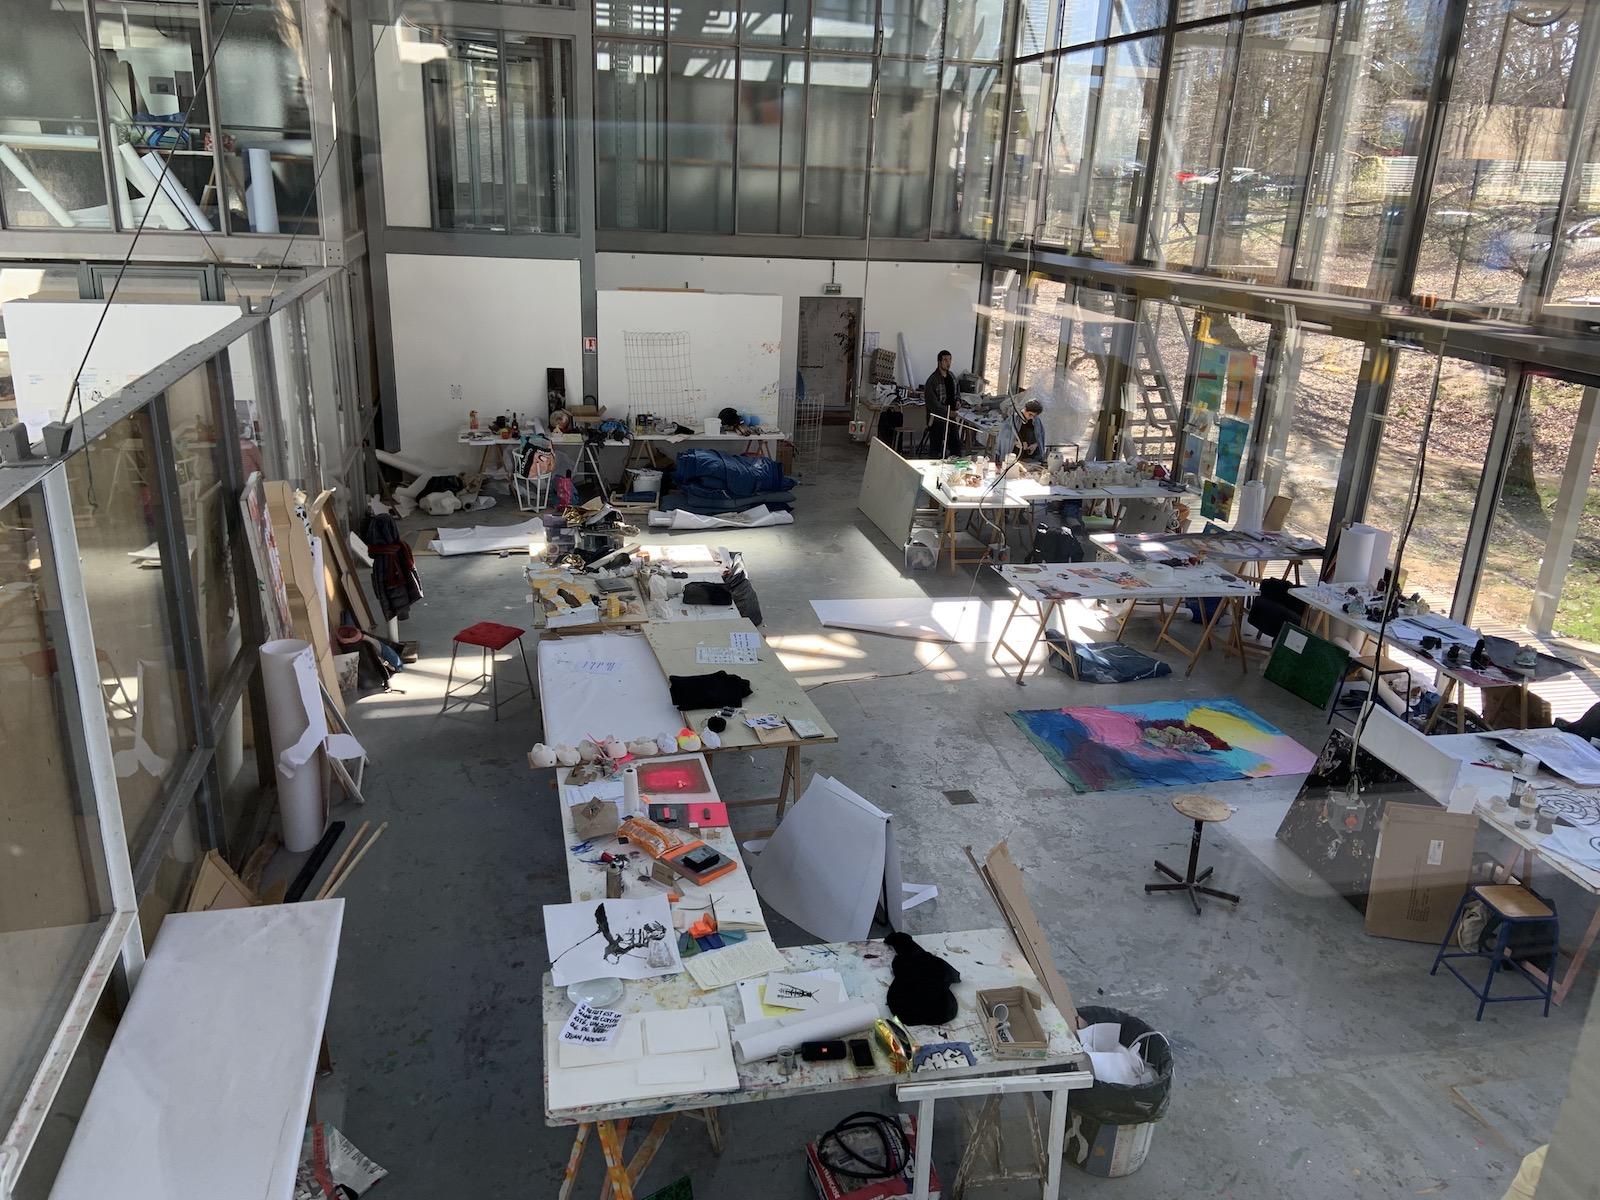 Atelier commun à l'école nationale supérieure d'art de limoges.